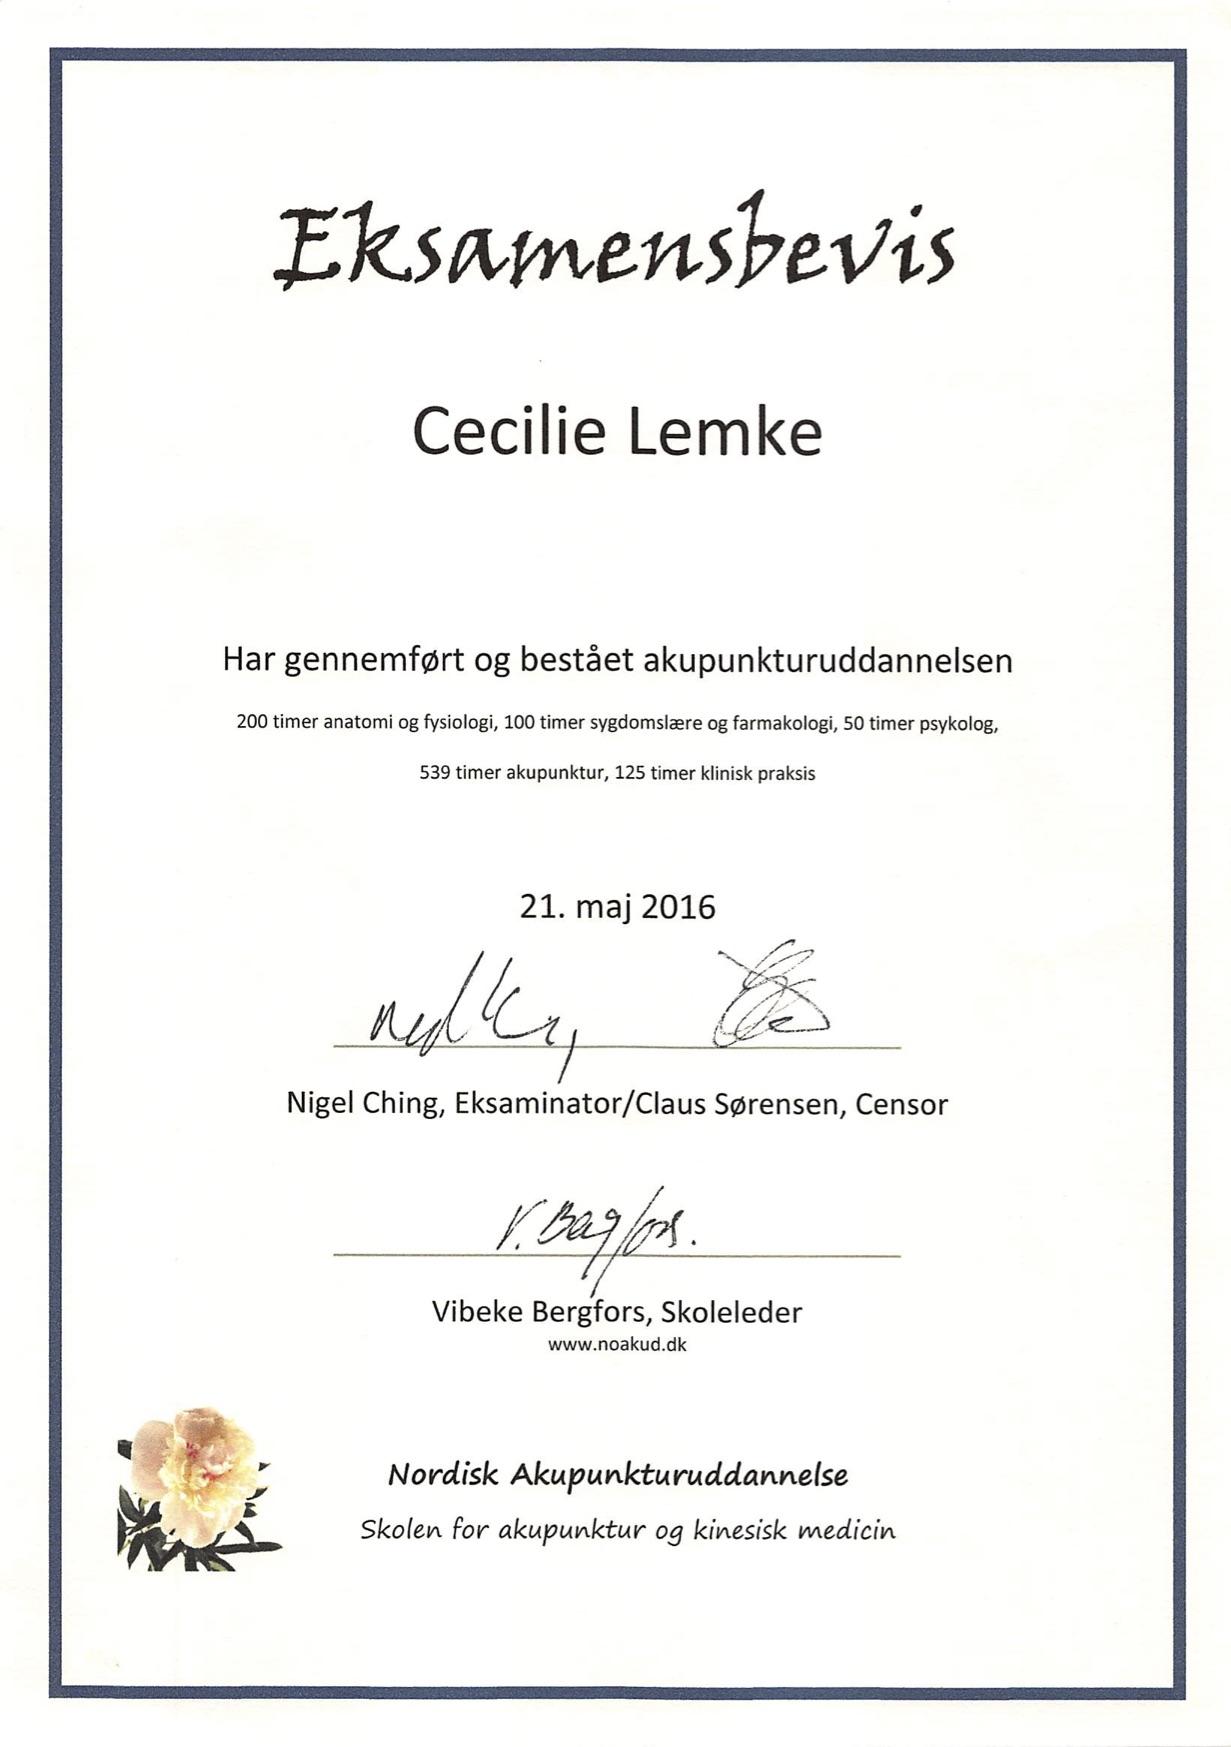 cecilie_lemke_akupunktur_examensbevis